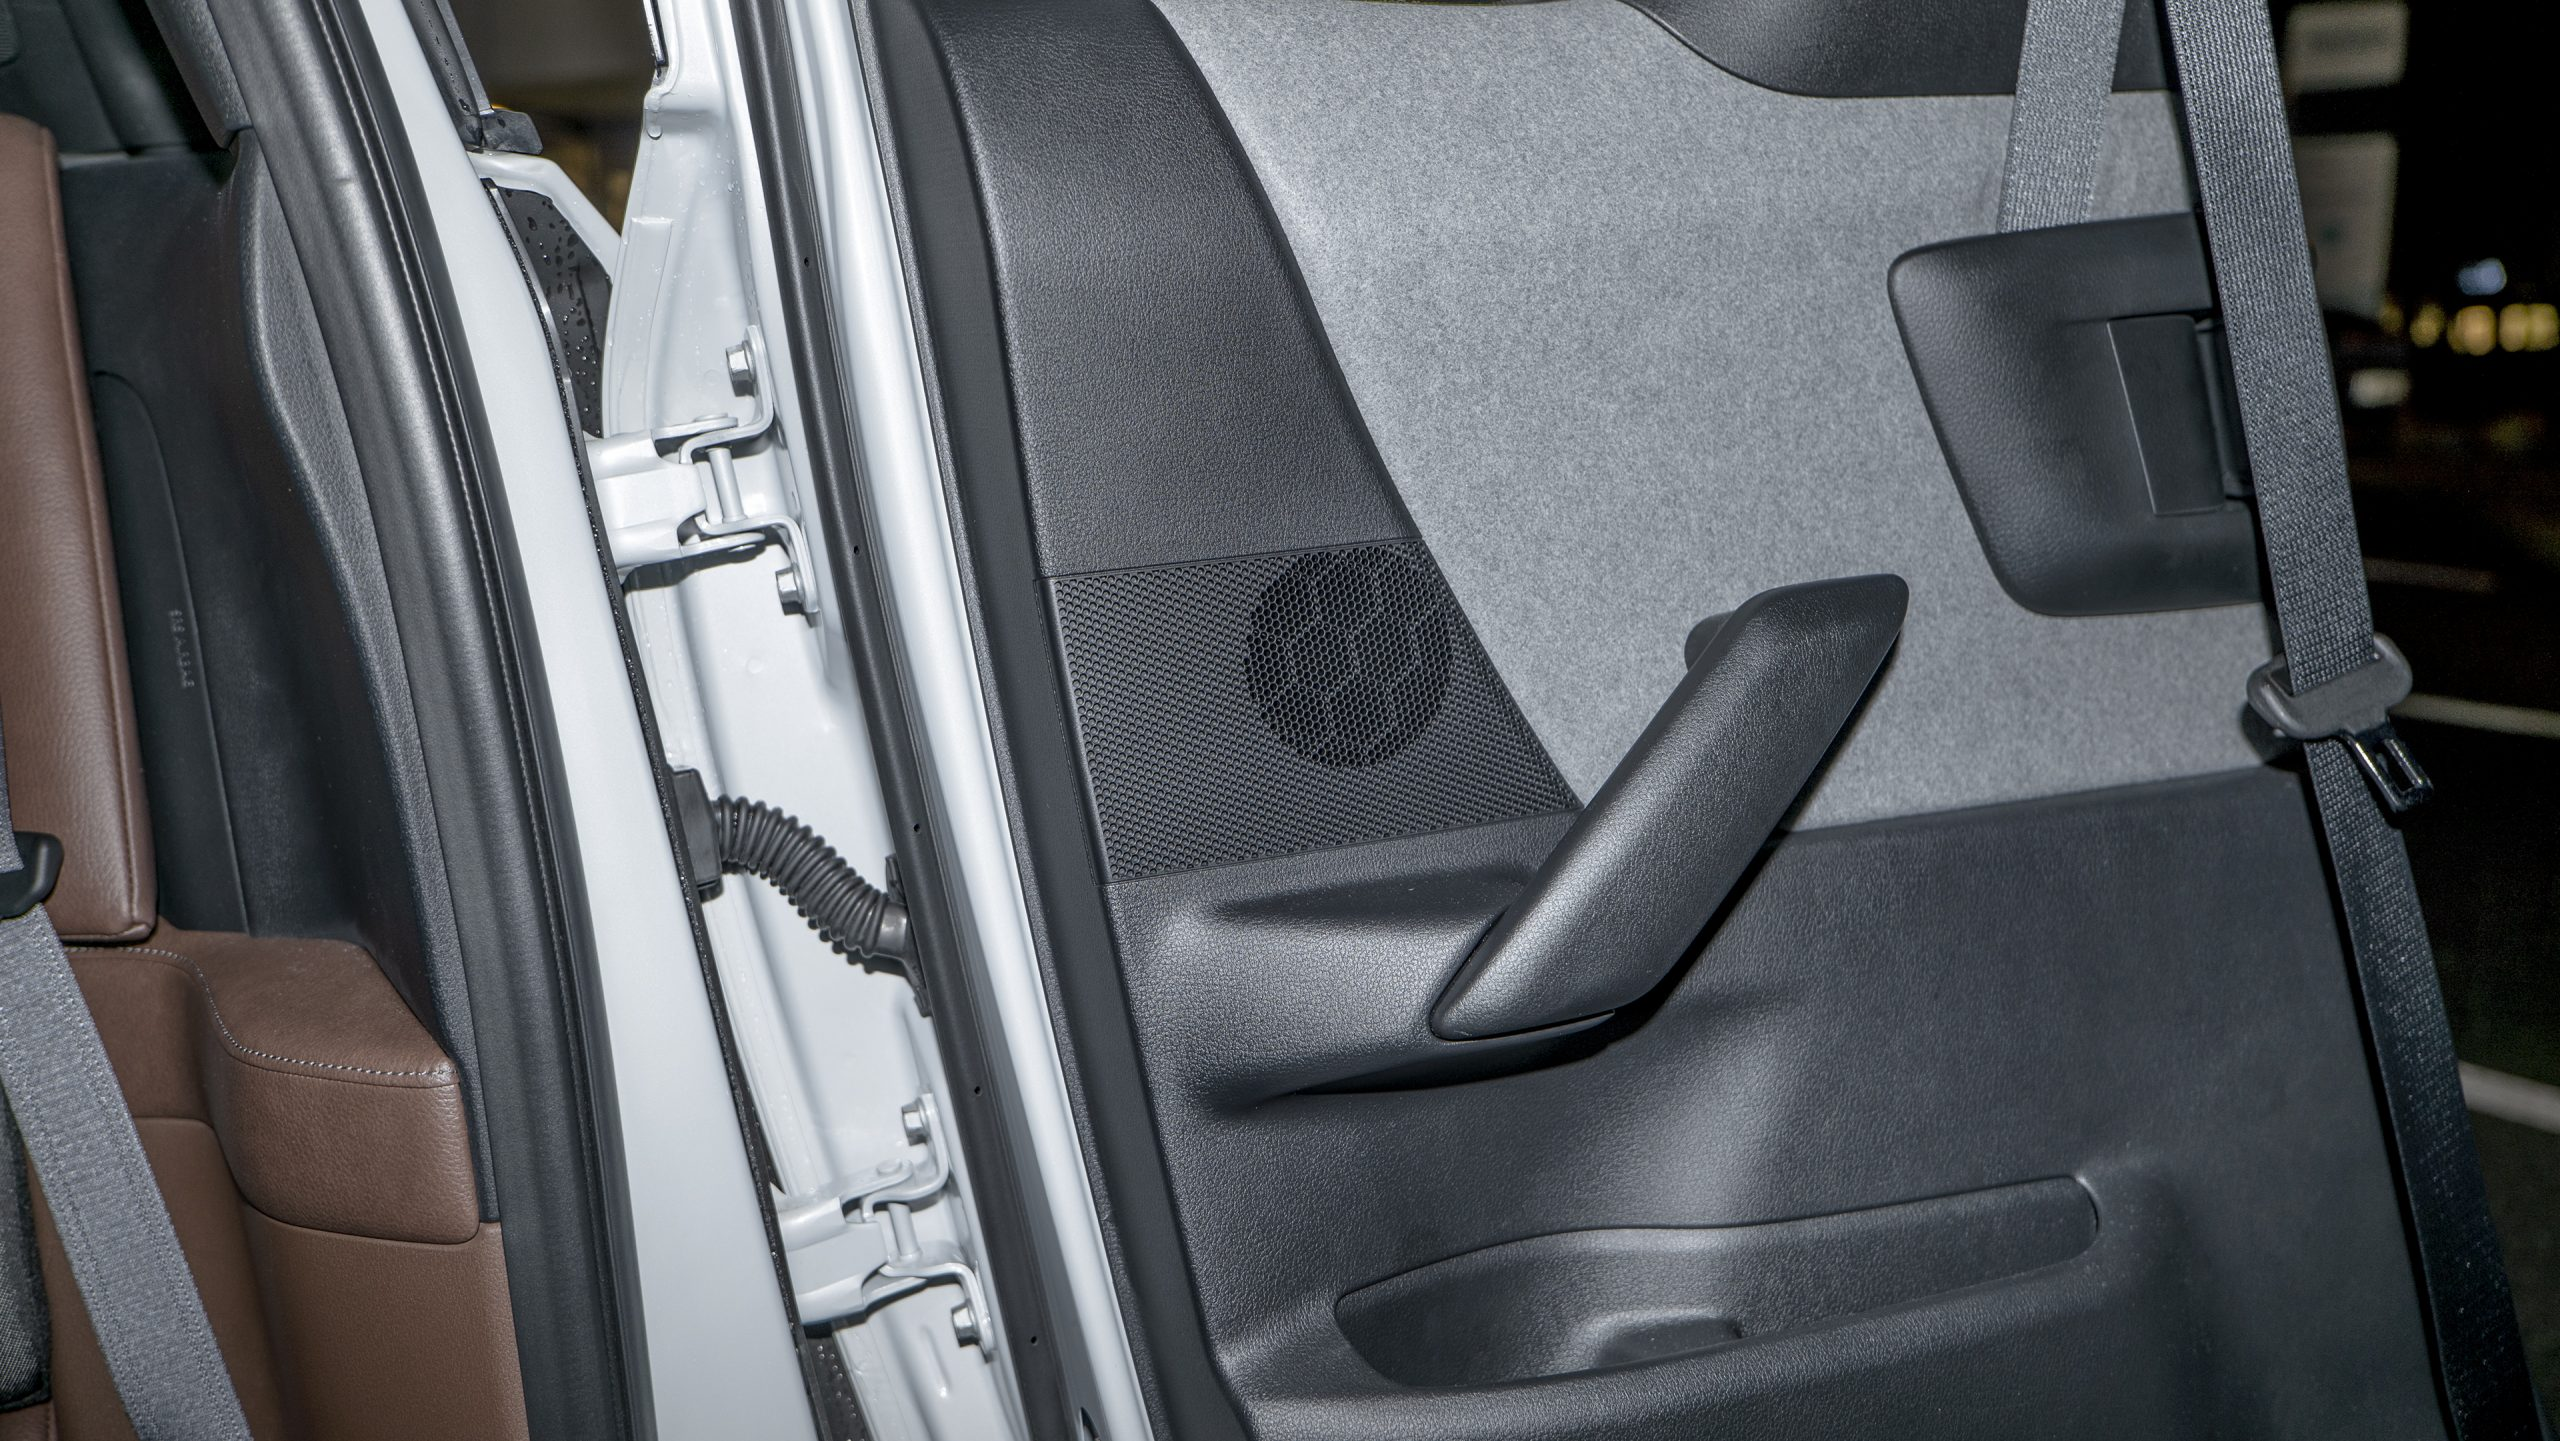 MAZDA-MX-30_backseat-speaker